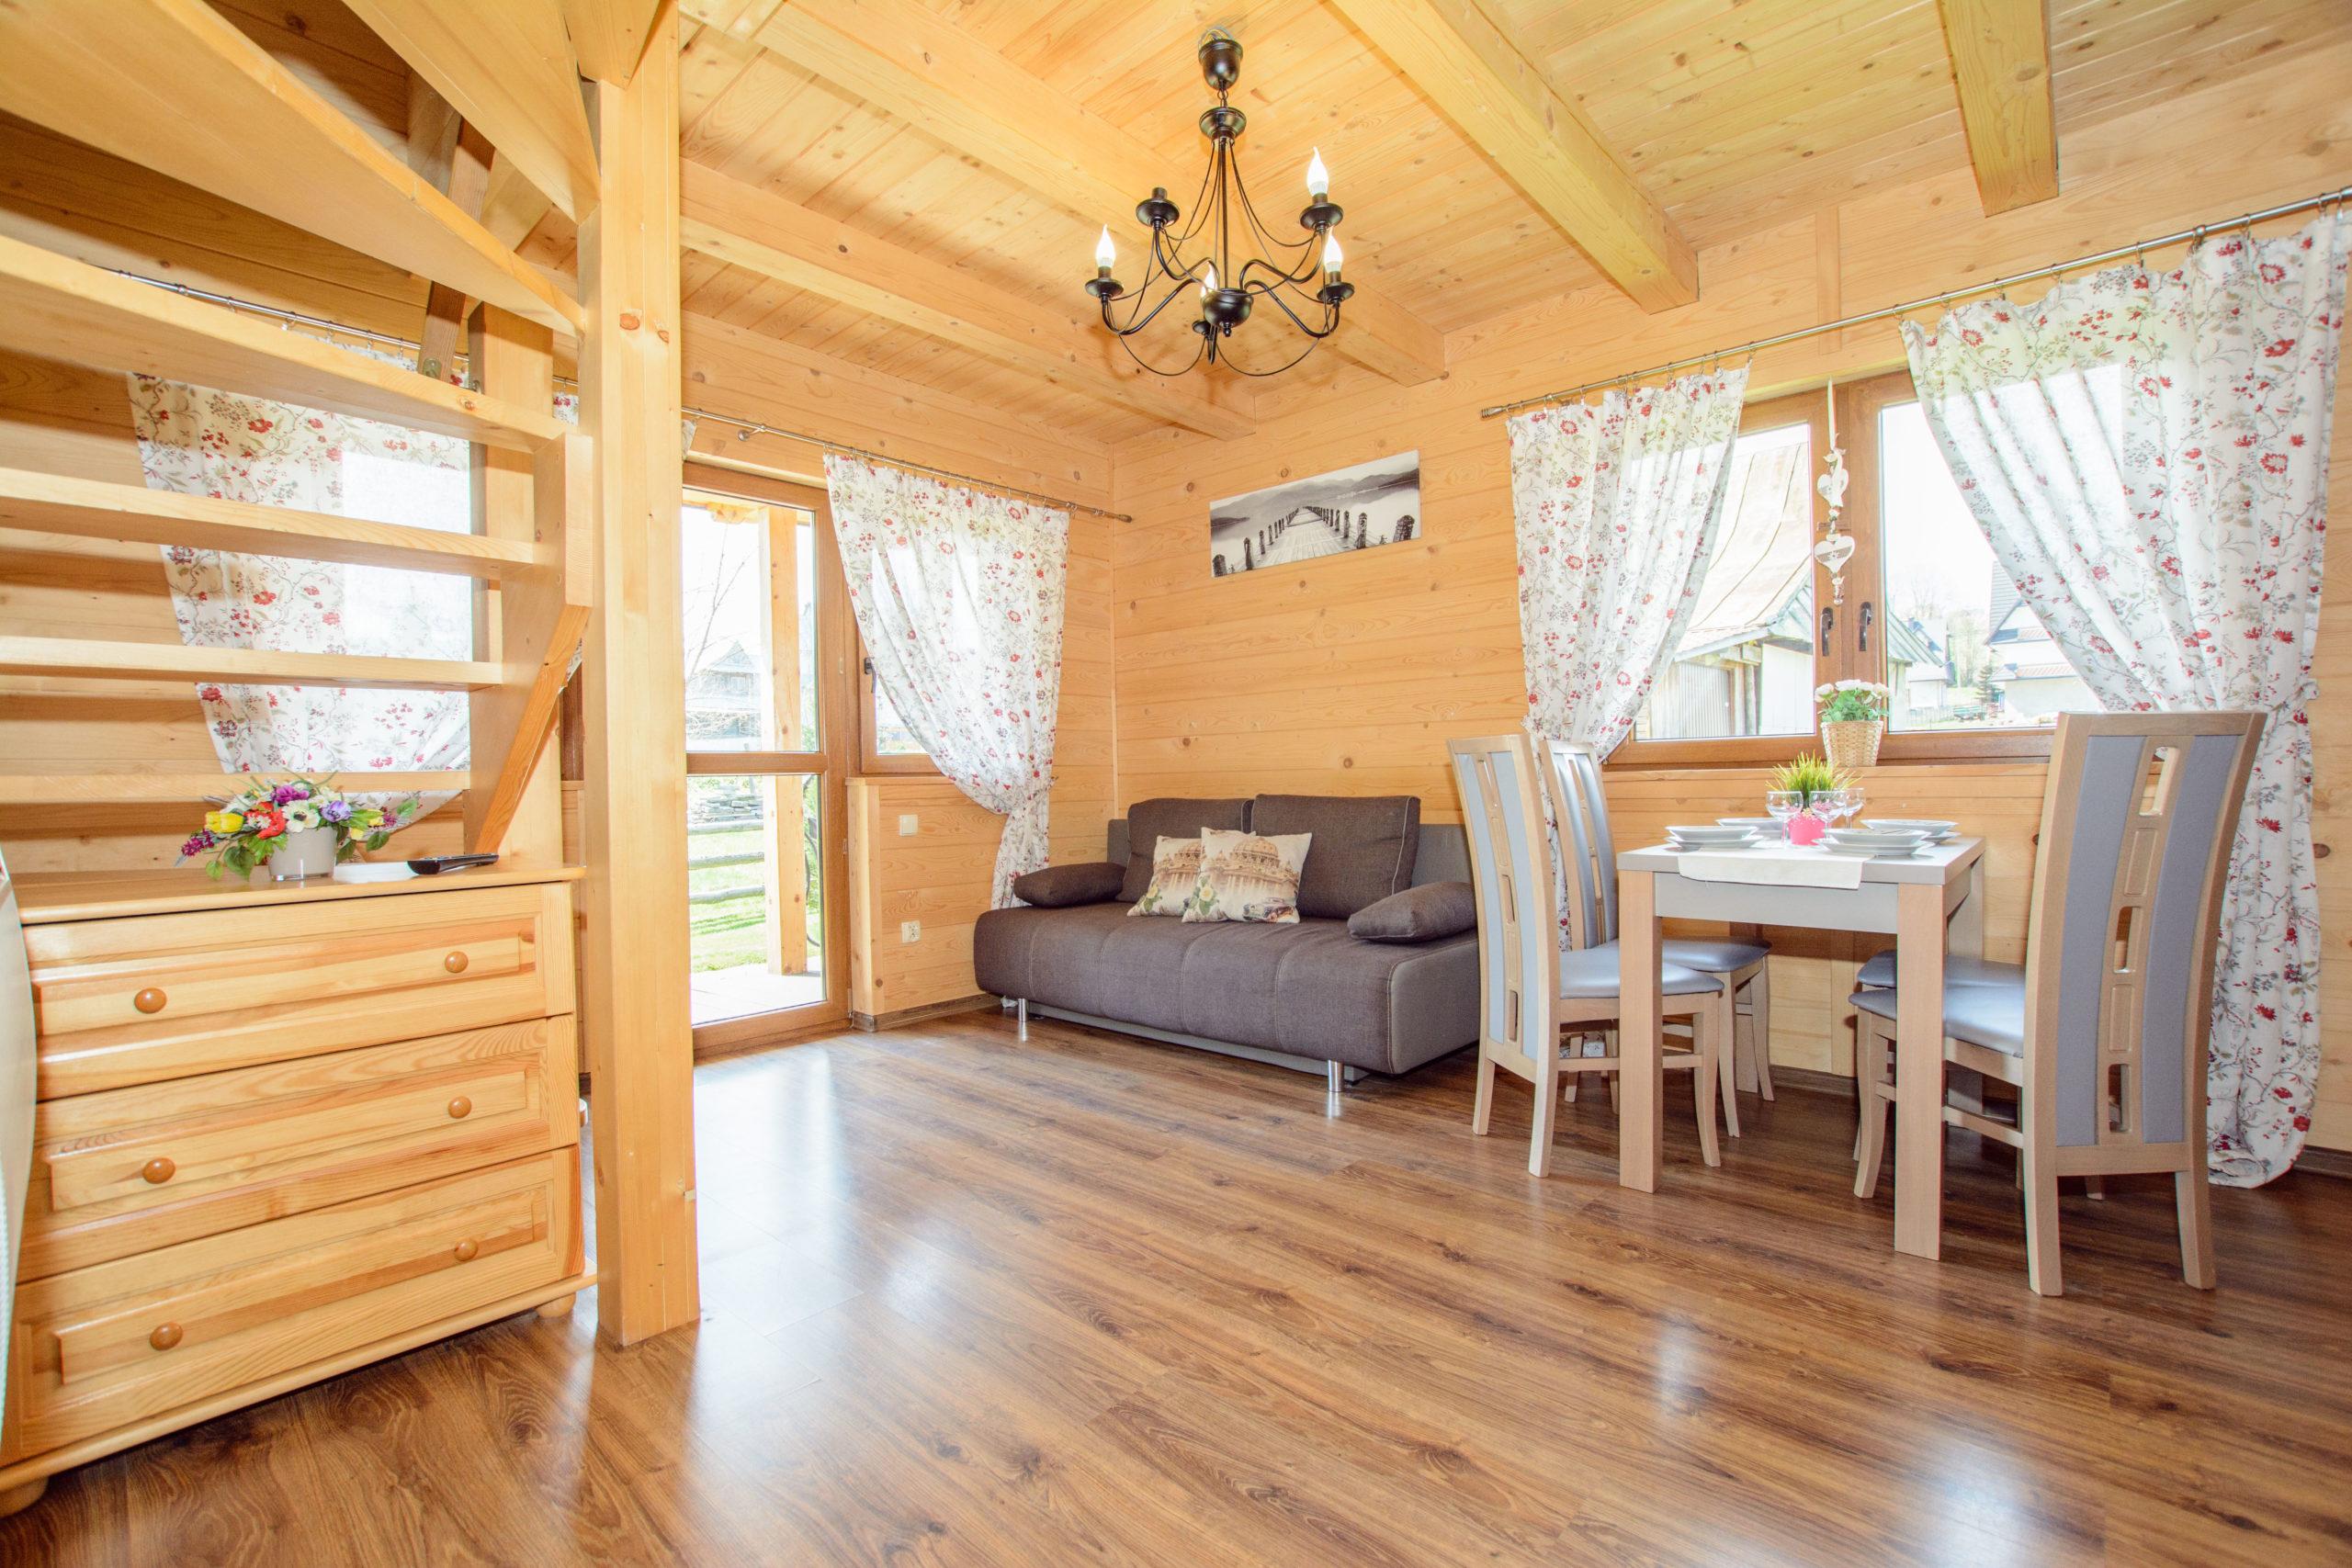 domki-gawra-zakopane-drewniany-dom-wakacje-wypoczynek-scaledw13